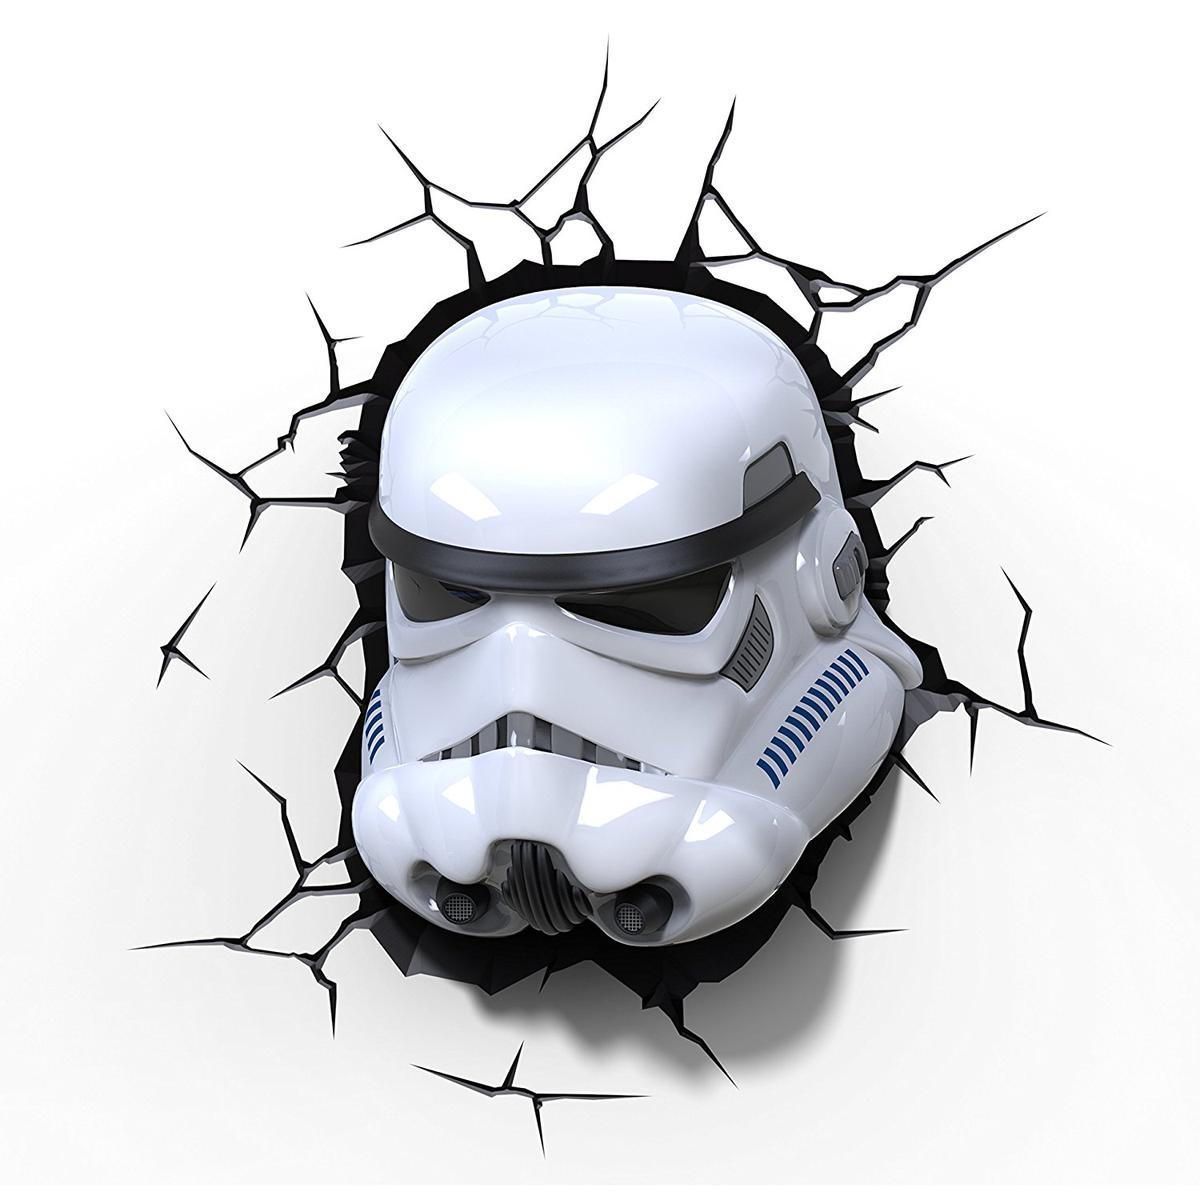 3D 立体 壁飾り ウォールデコ スターウォーズ ストームトルーパー ヘルメット インテリア キャラクター グッズ ランプ 照明